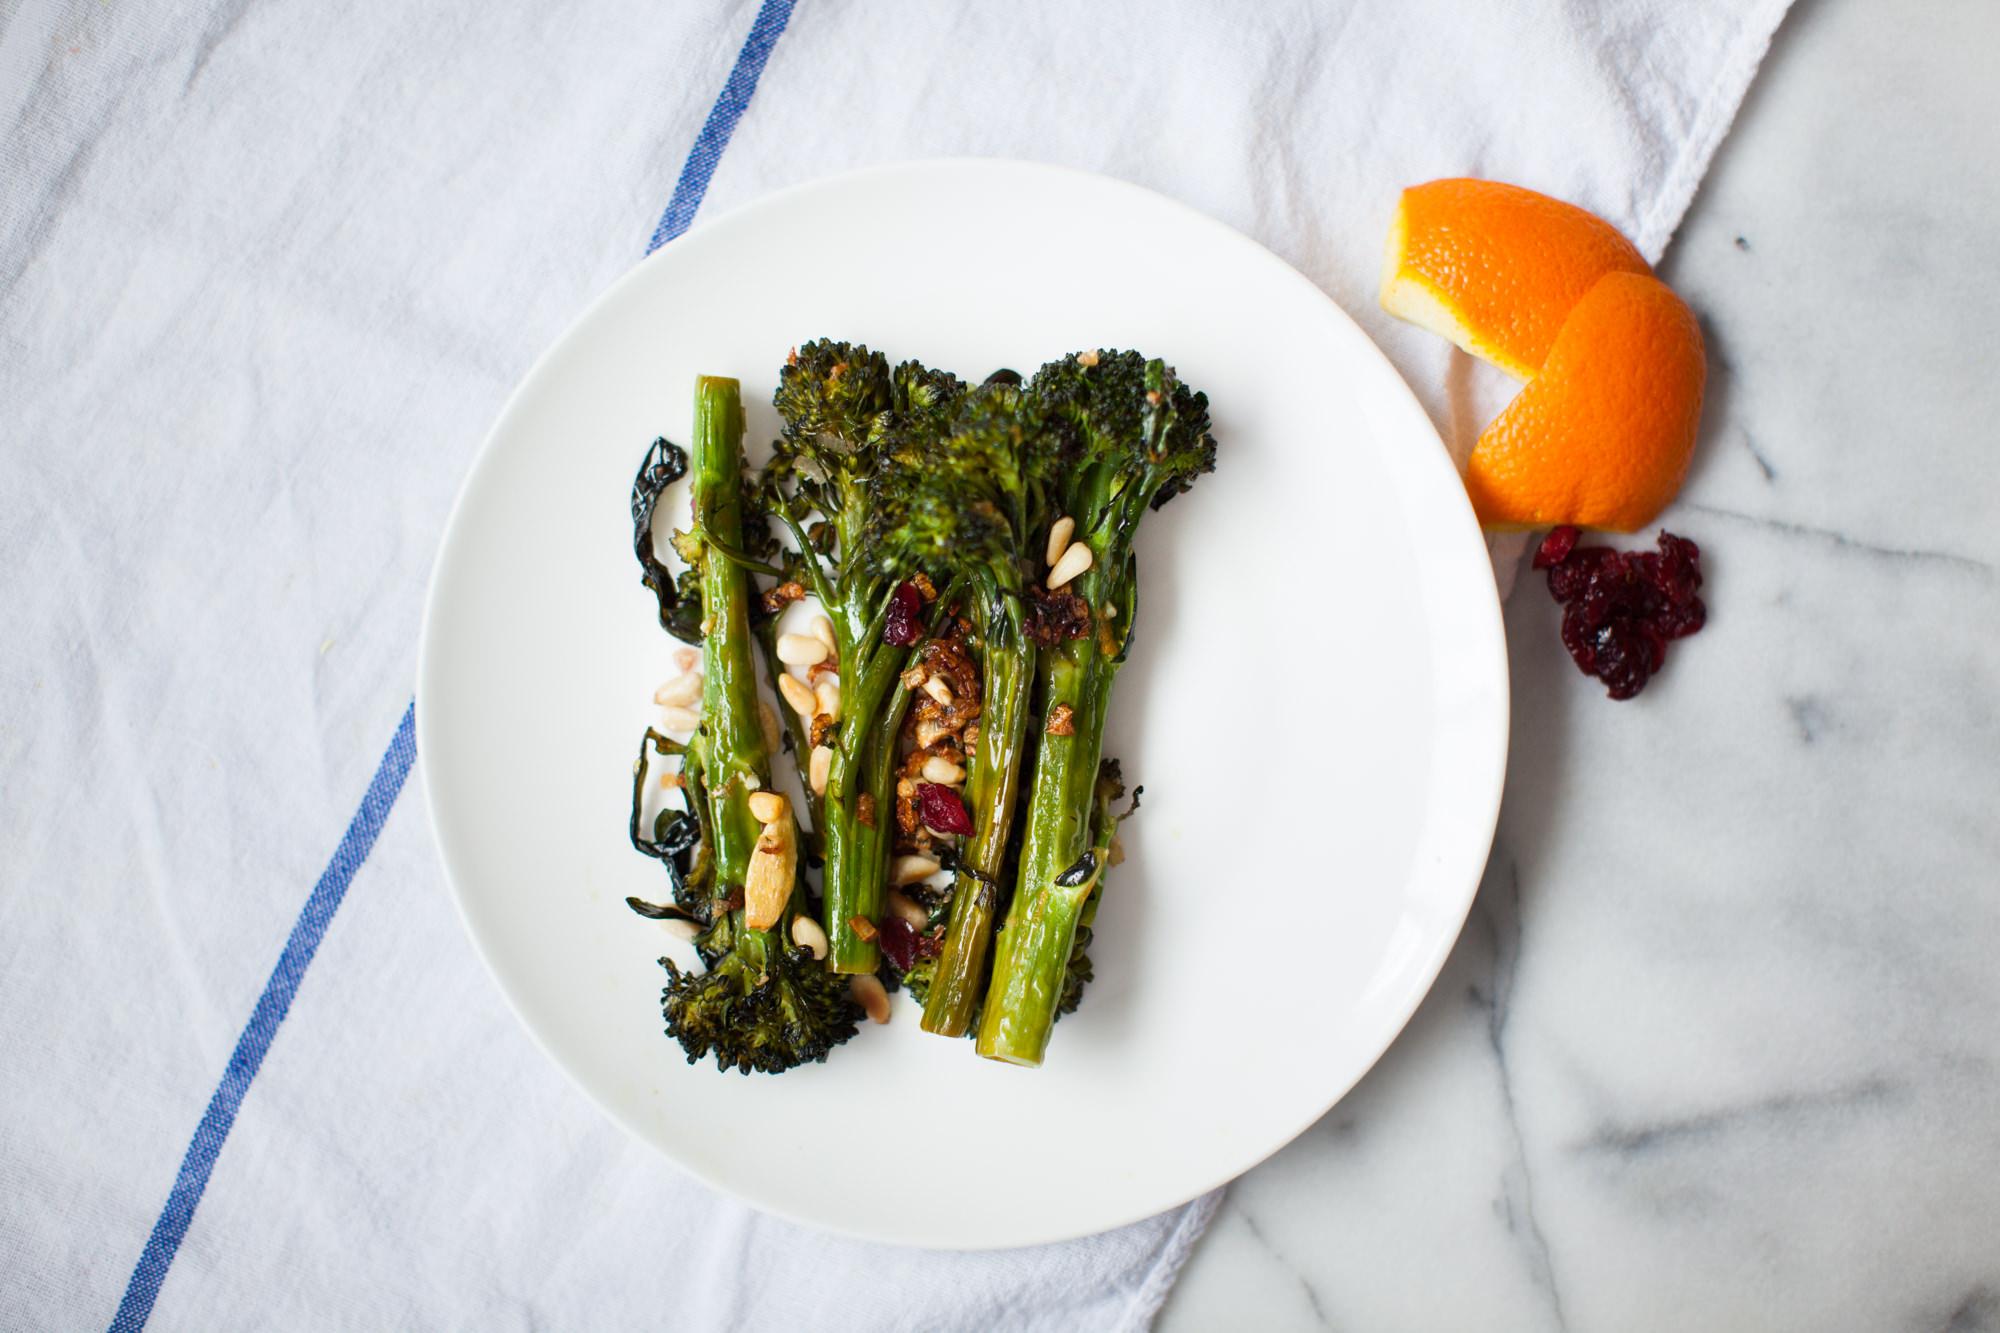 broccolini-recipe-7.jpg